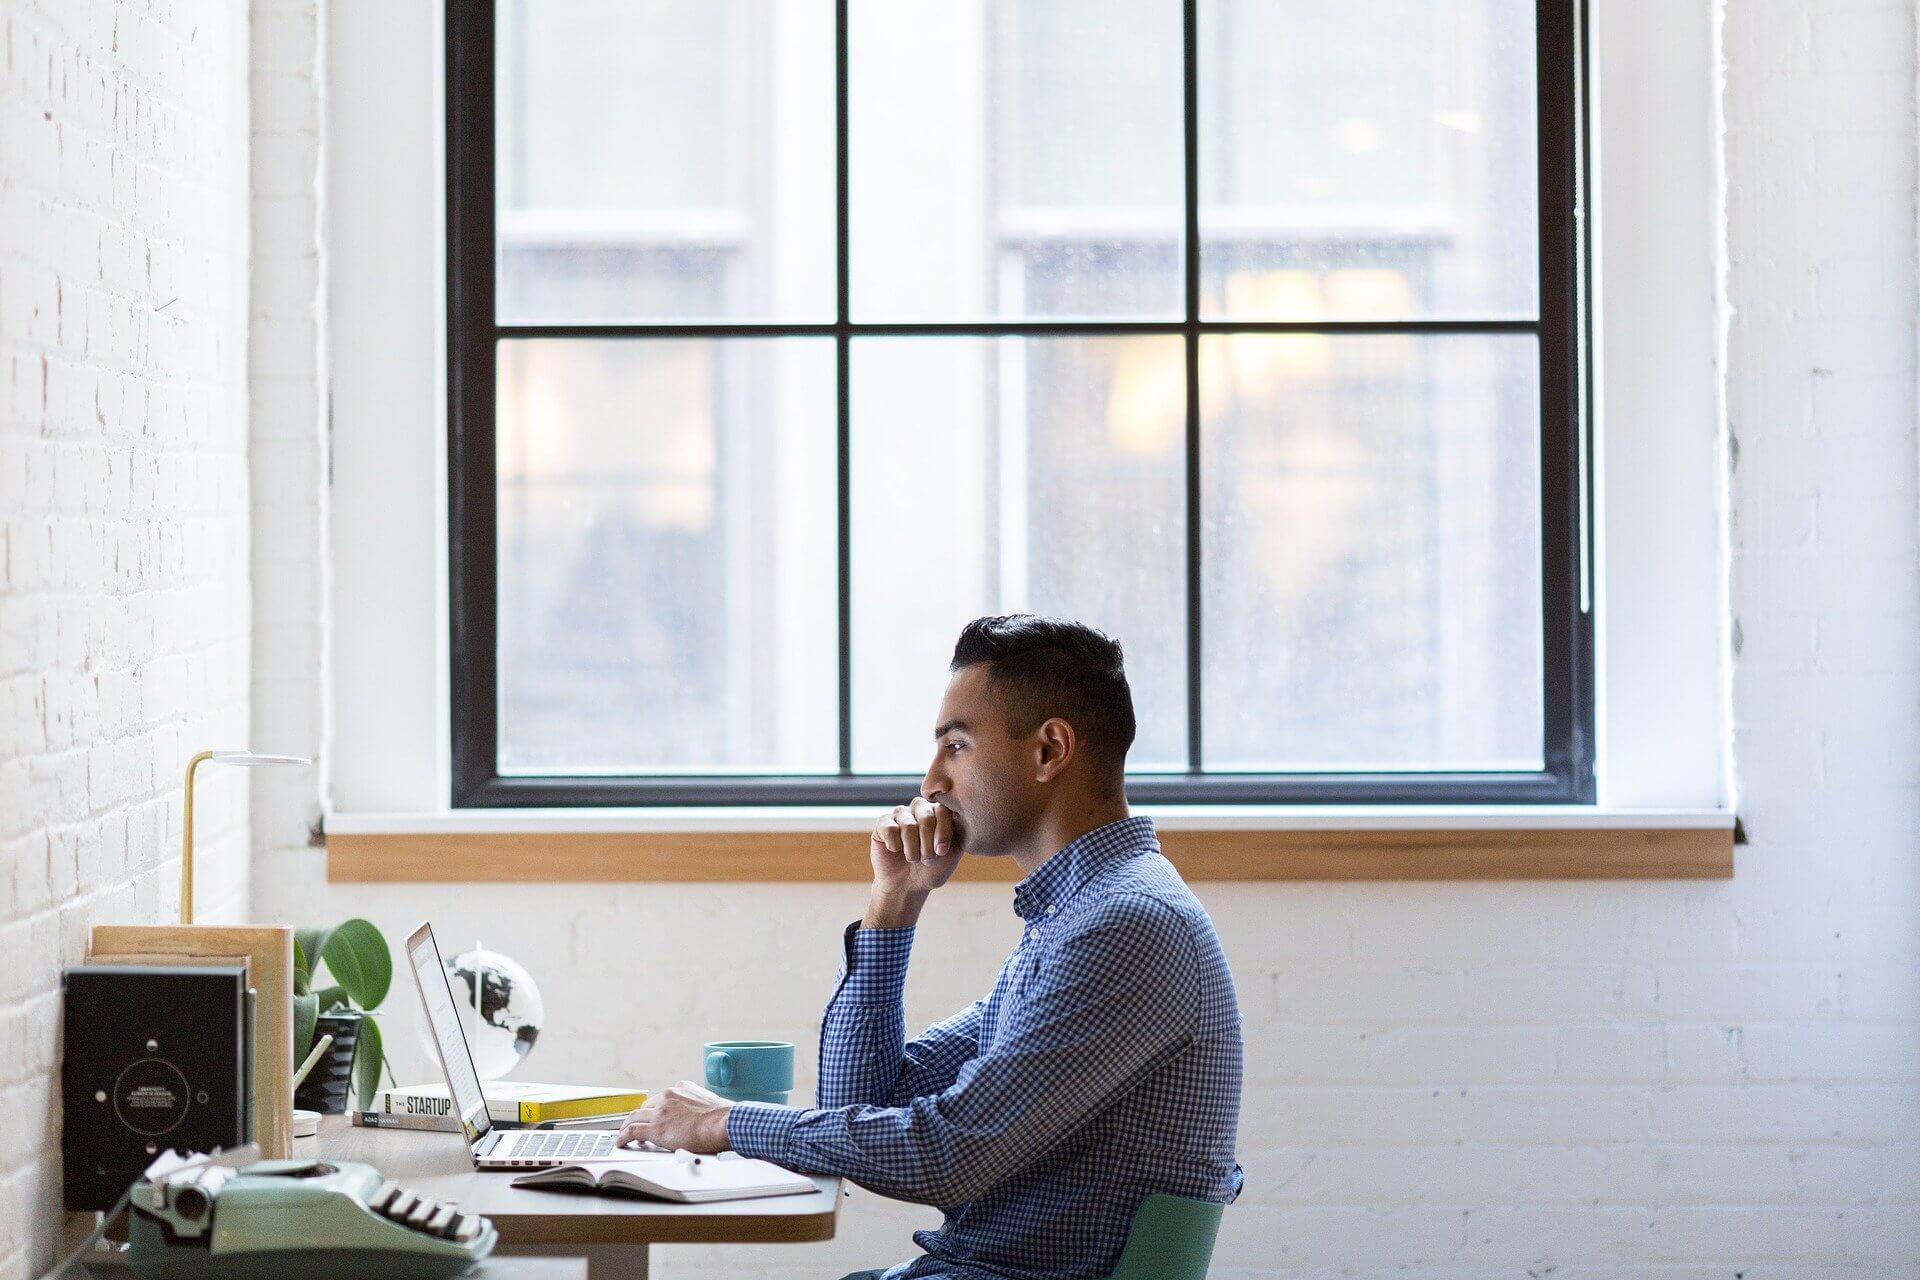 Bărbat care stă la laptop